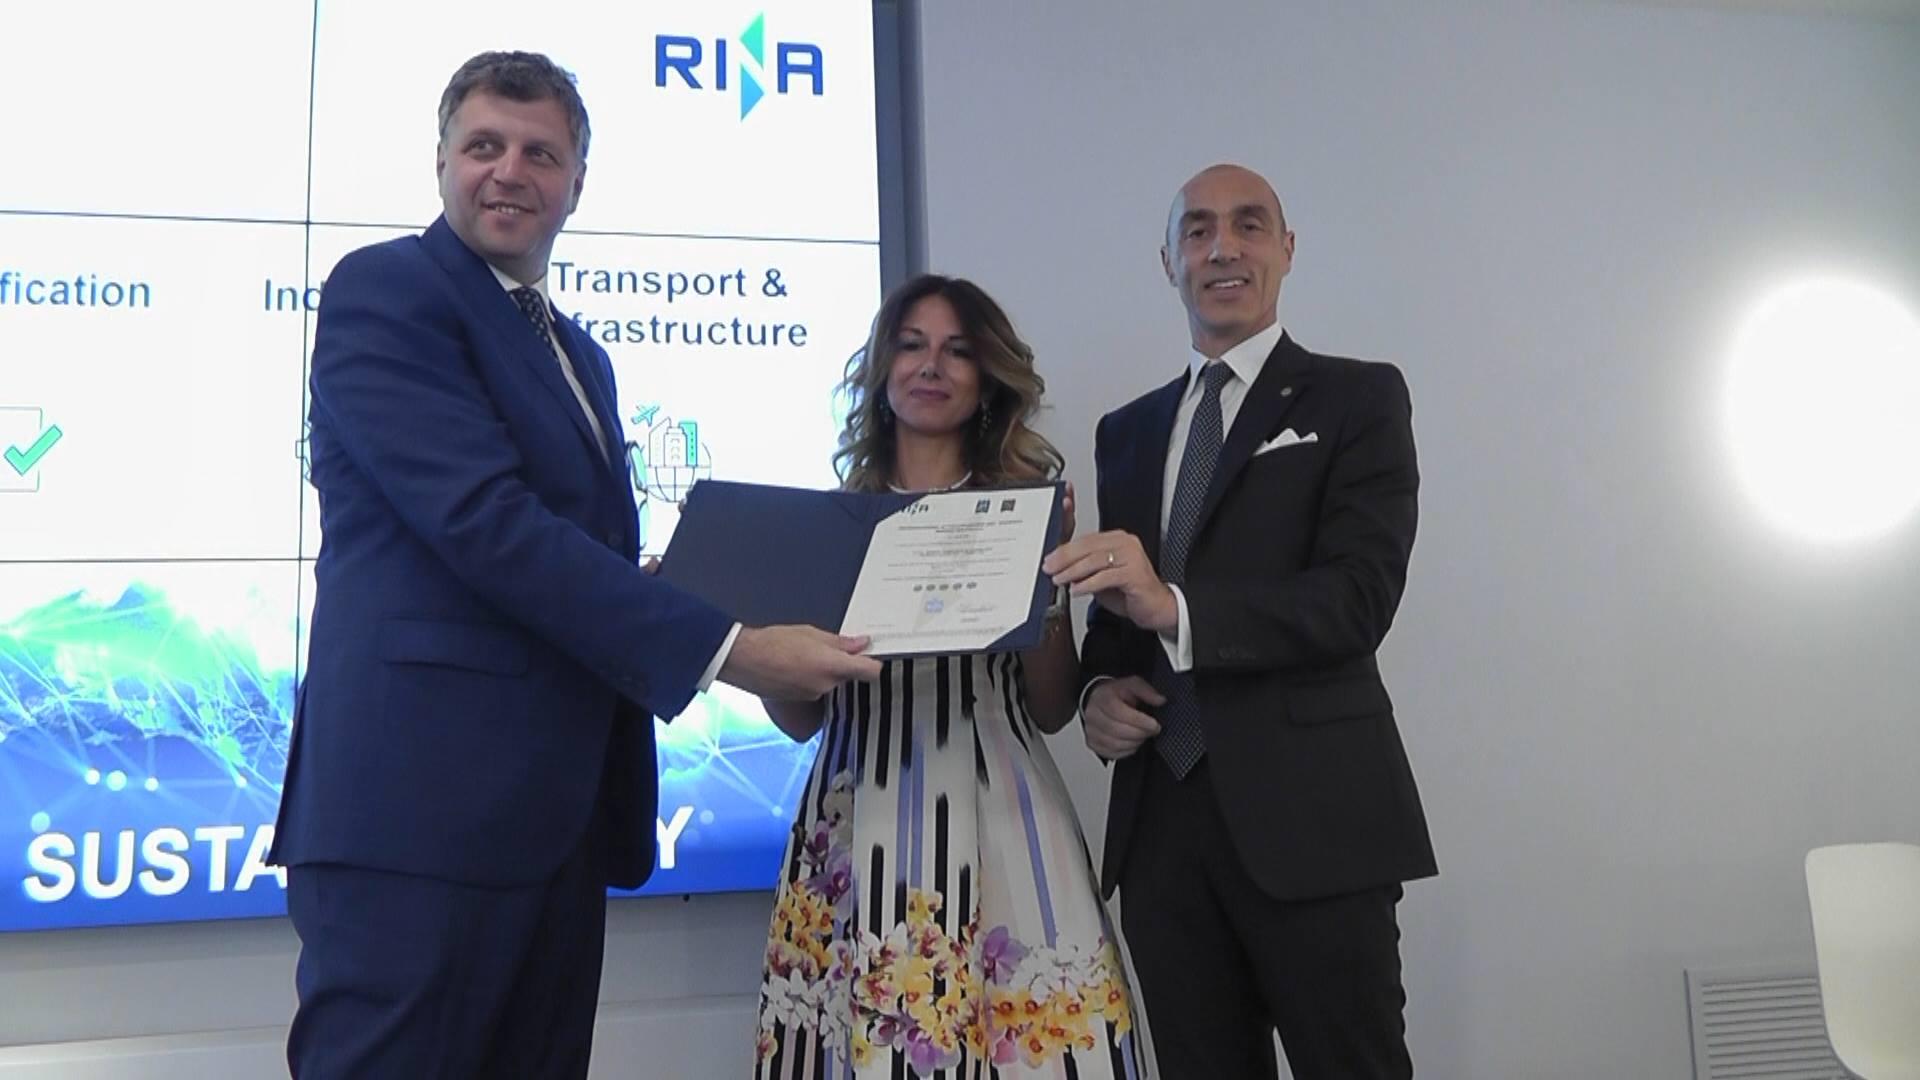 """La Marina di Capri ottiene la Certificazione """"MaRina Excellence"""" prima valutazione a livello nazionale dei servizi offerti dai porti turistici in termini di portualità, turismo e sostenibilità."""